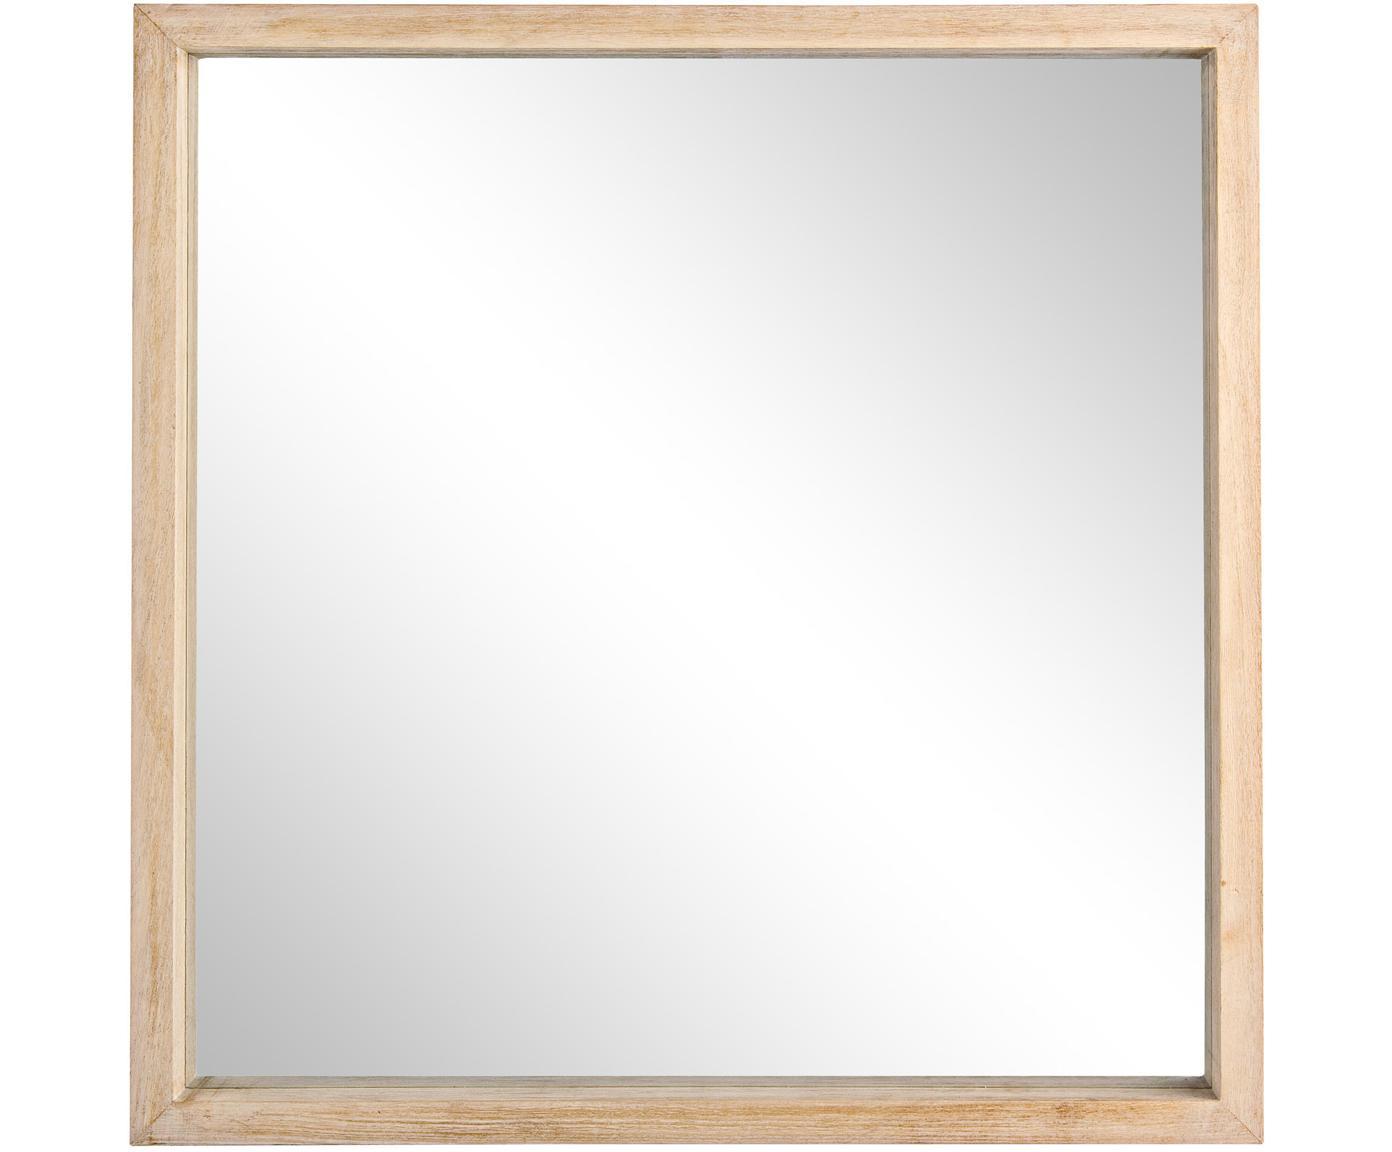 Nástěnné zrcadlo sdřevěným rámem Tiziano, Dřevo paulovnie